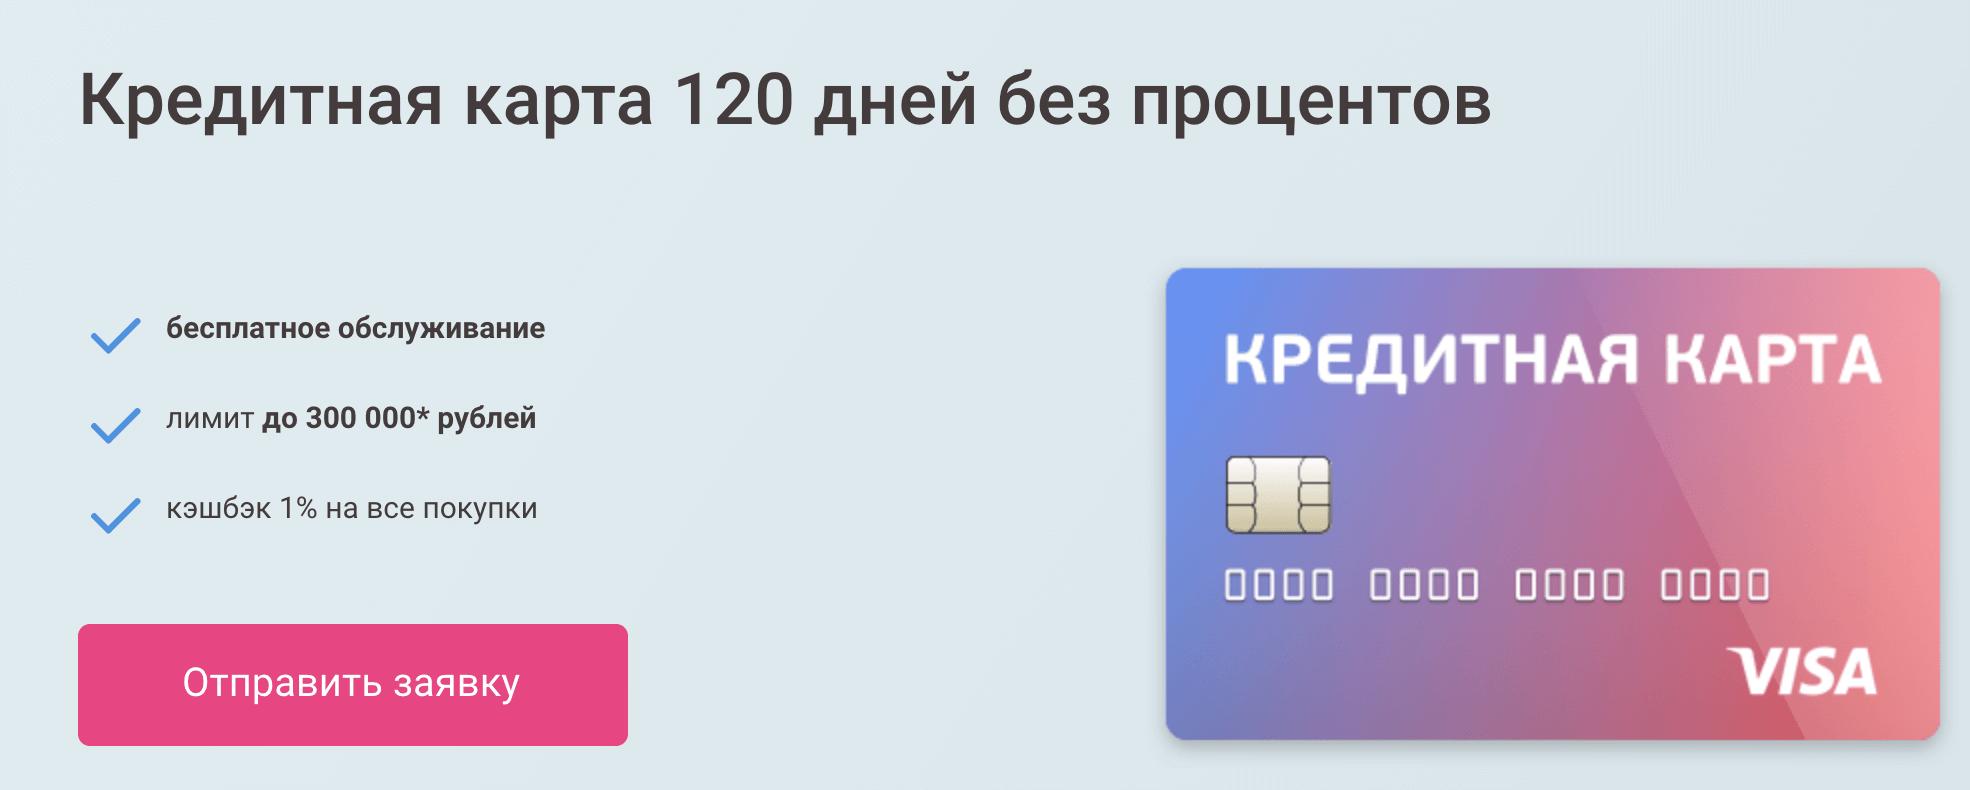 оставить заявку на кредитную карту во все банки без справок кредит ип 2020